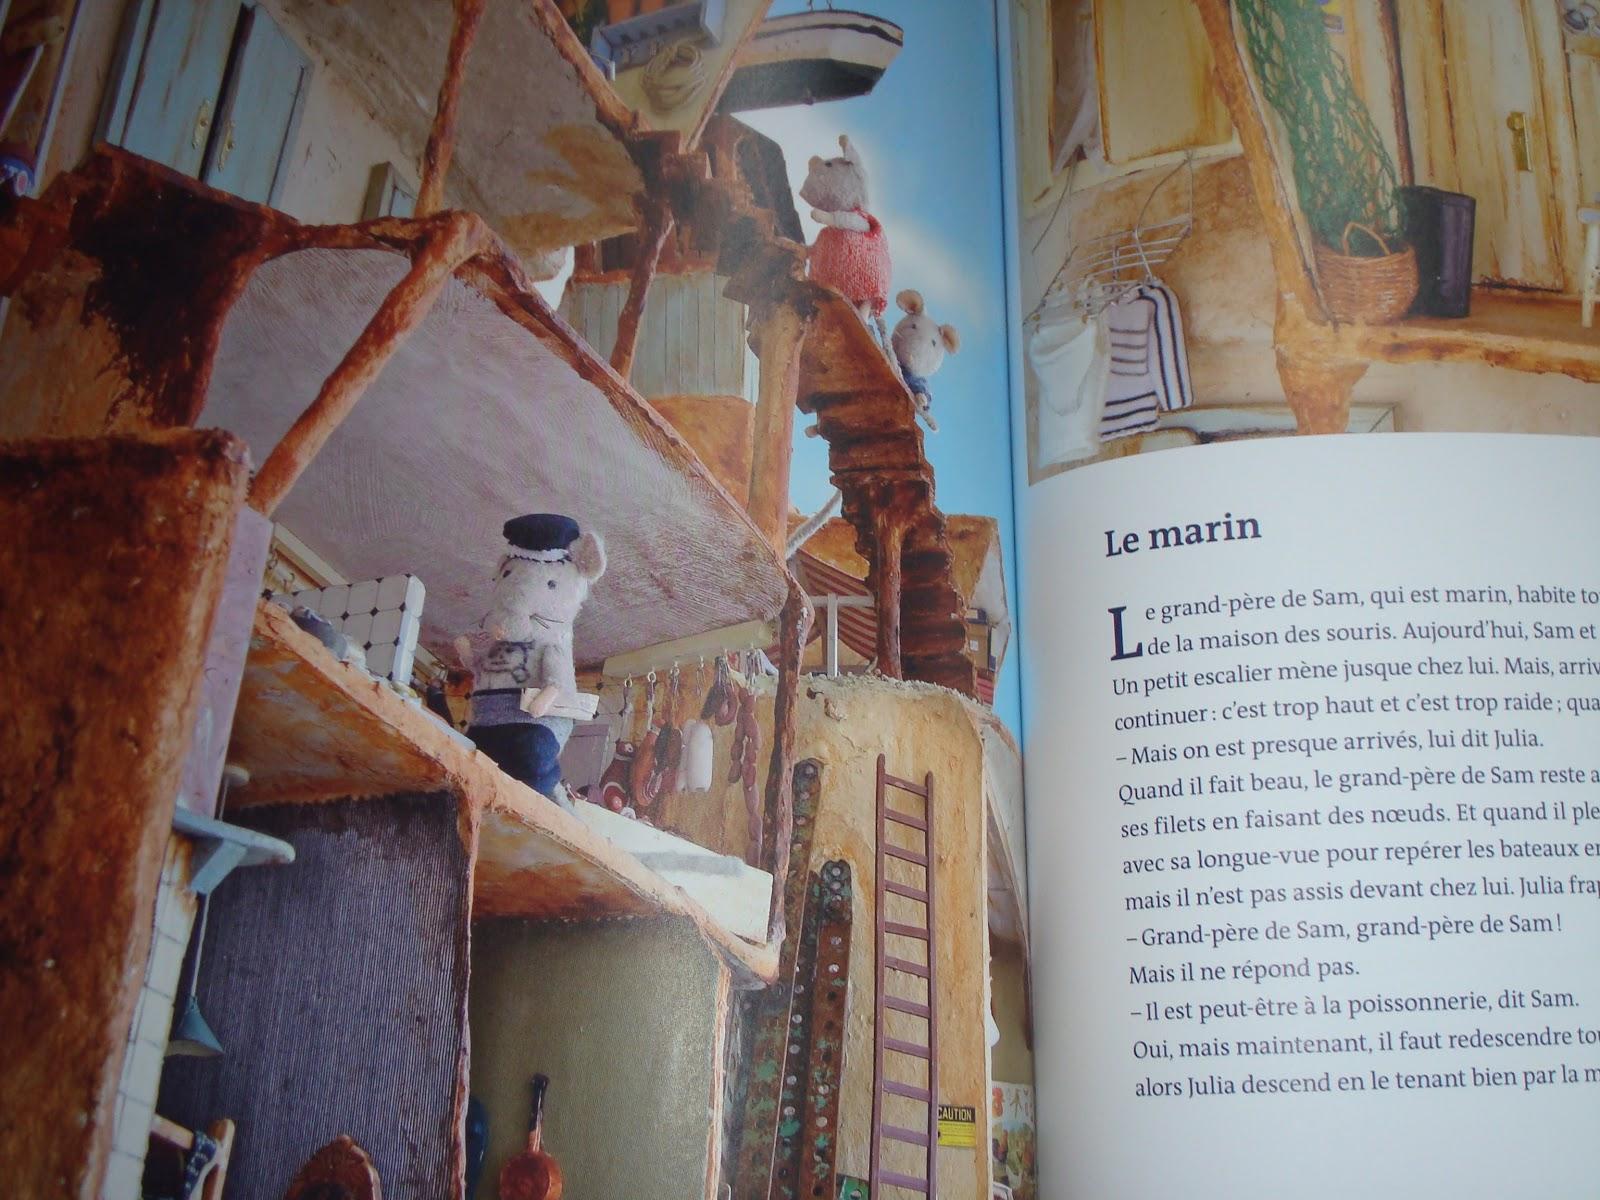 souris la maison good with souris la maison piege souris fait maison seau bouteille with. Black Bedroom Furniture Sets. Home Design Ideas